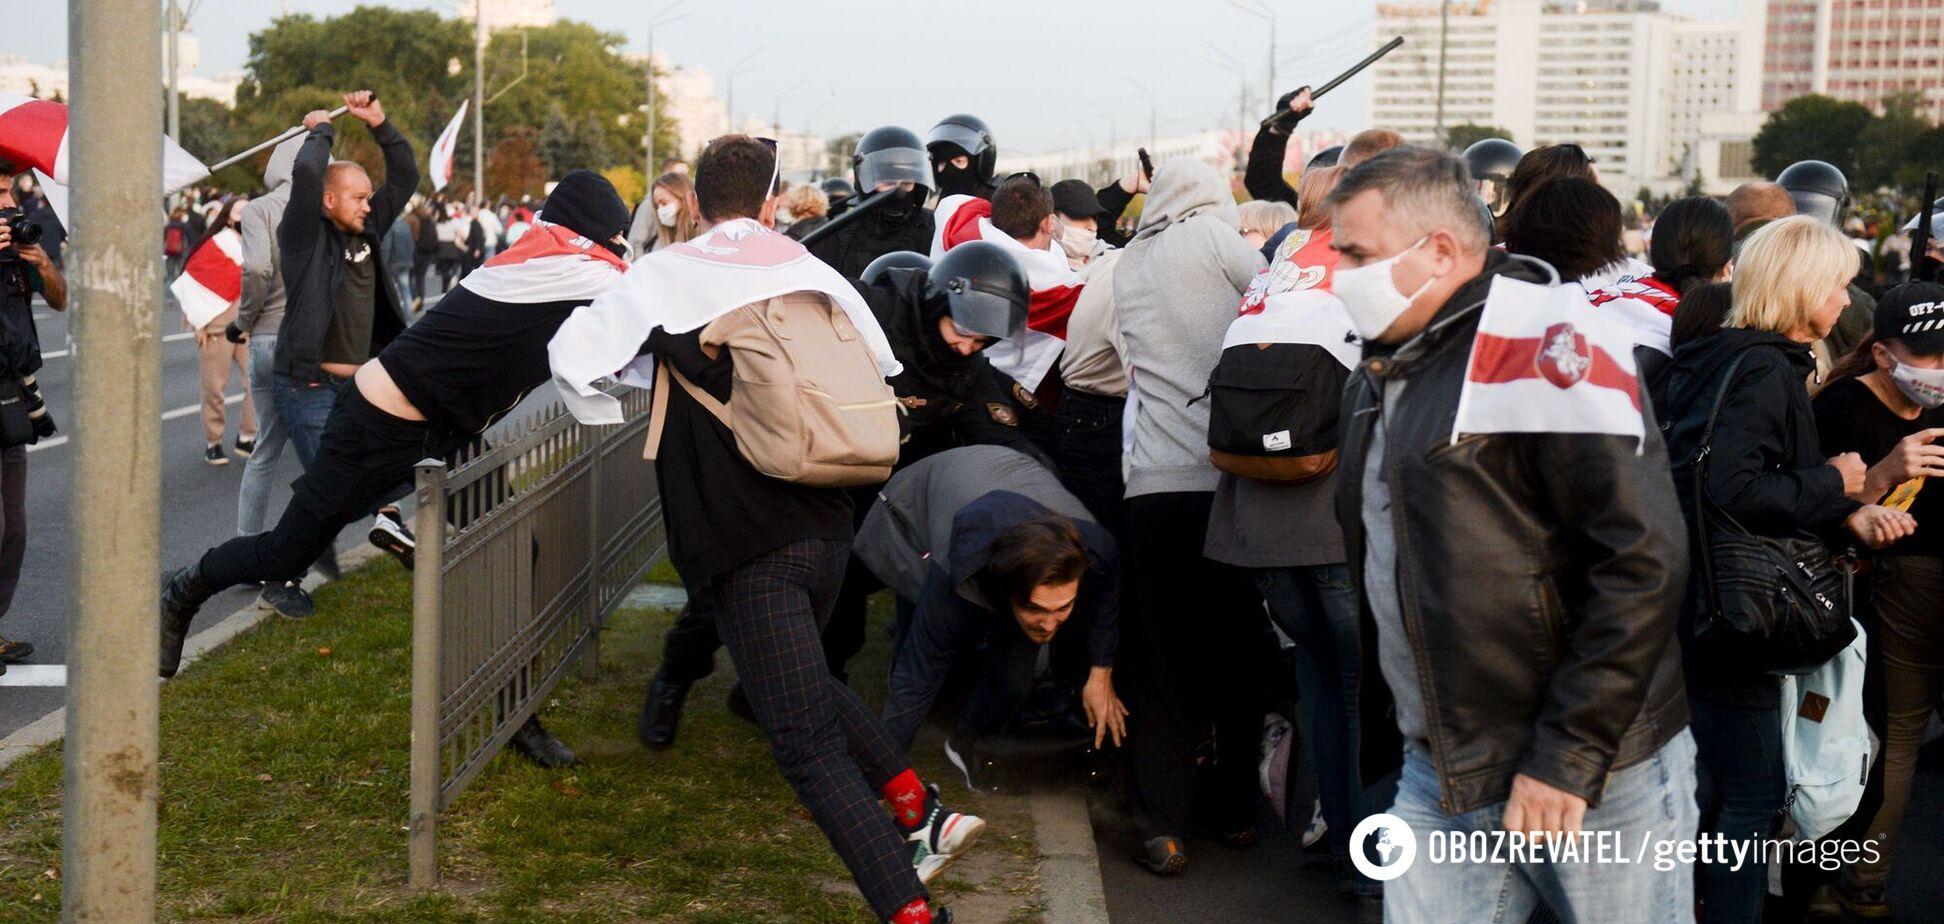 Опубликовано видео 'массовых беспорядков' в стране